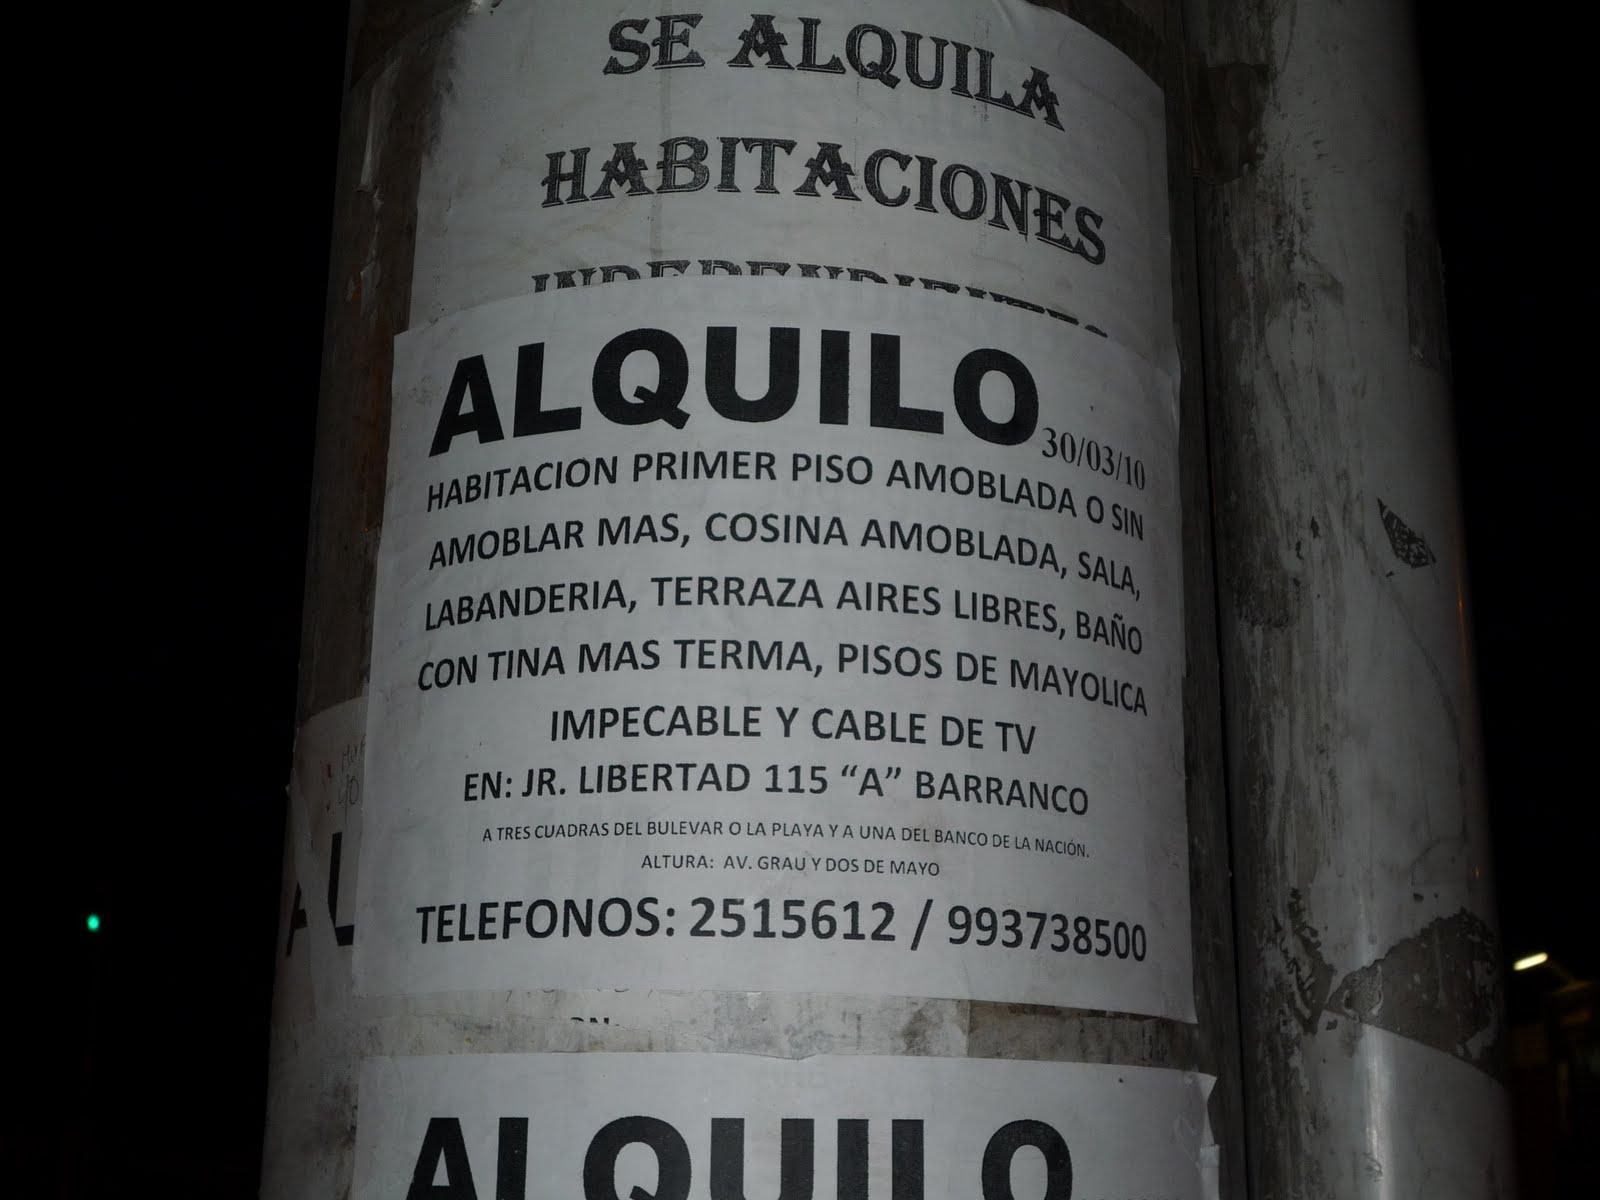 Delaurbesublog aviso barranquino para alquilar habitaci n - Alquiler de habitacion en valladolid ...